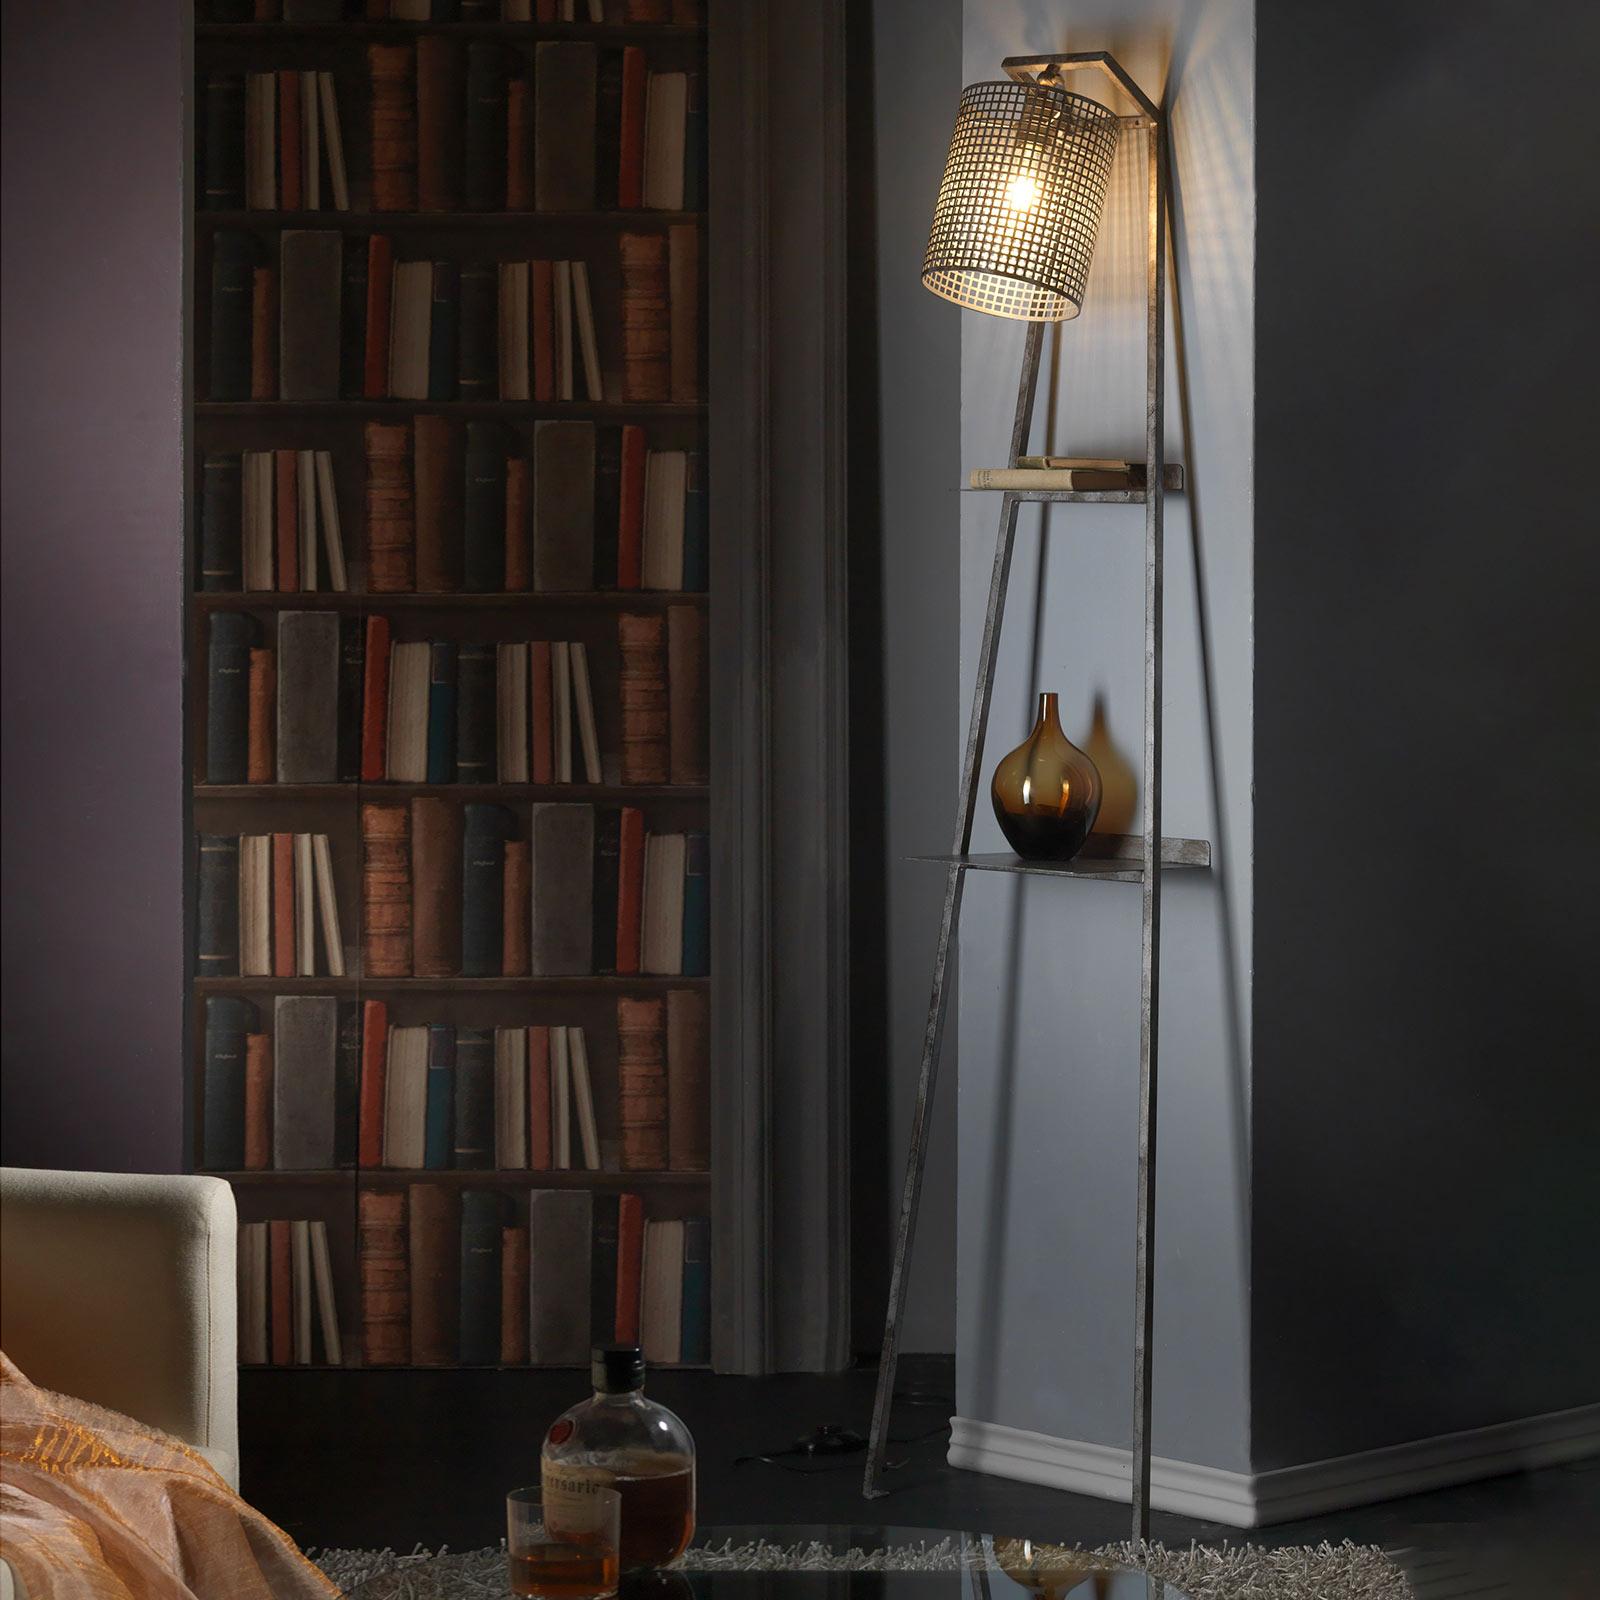 Vloerlamp Scaletta om te steunen aan de muur